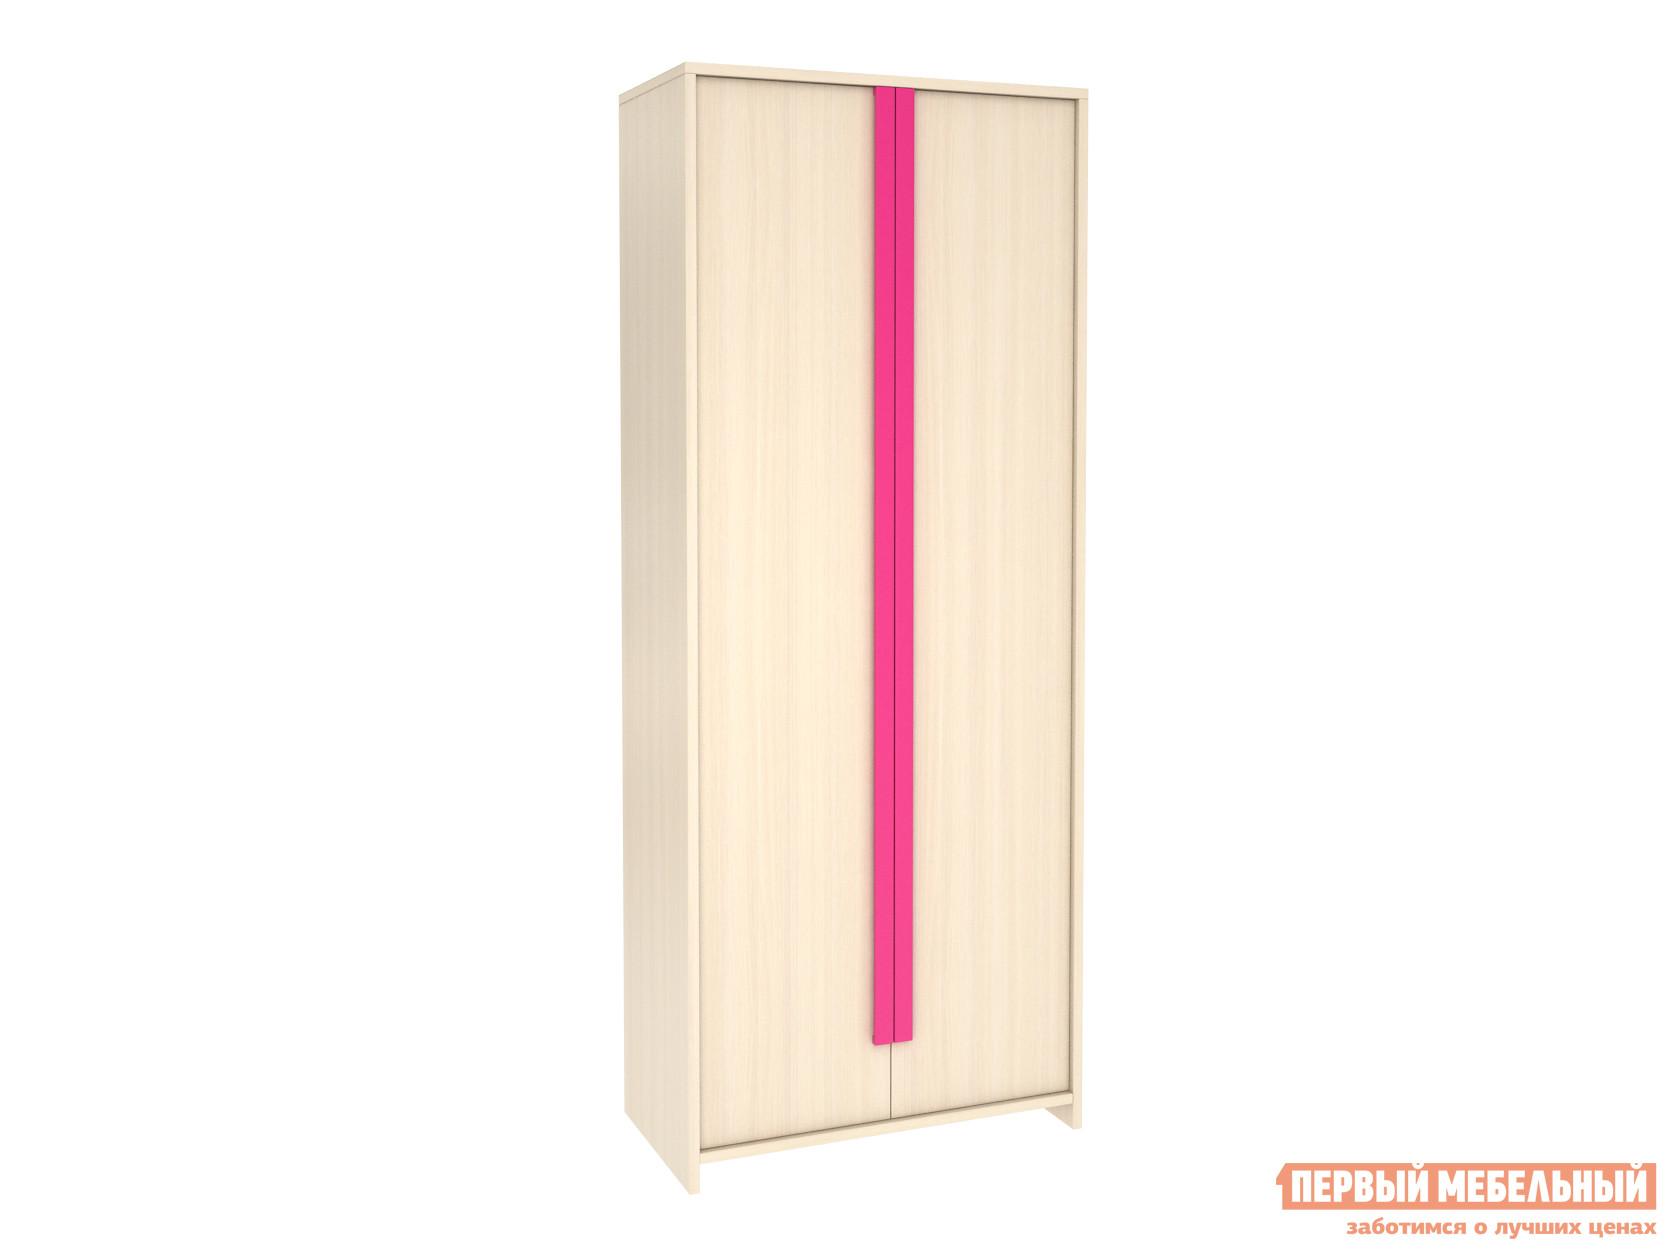 Шкаф детский Первый Мебельный Пионер 9 недорого